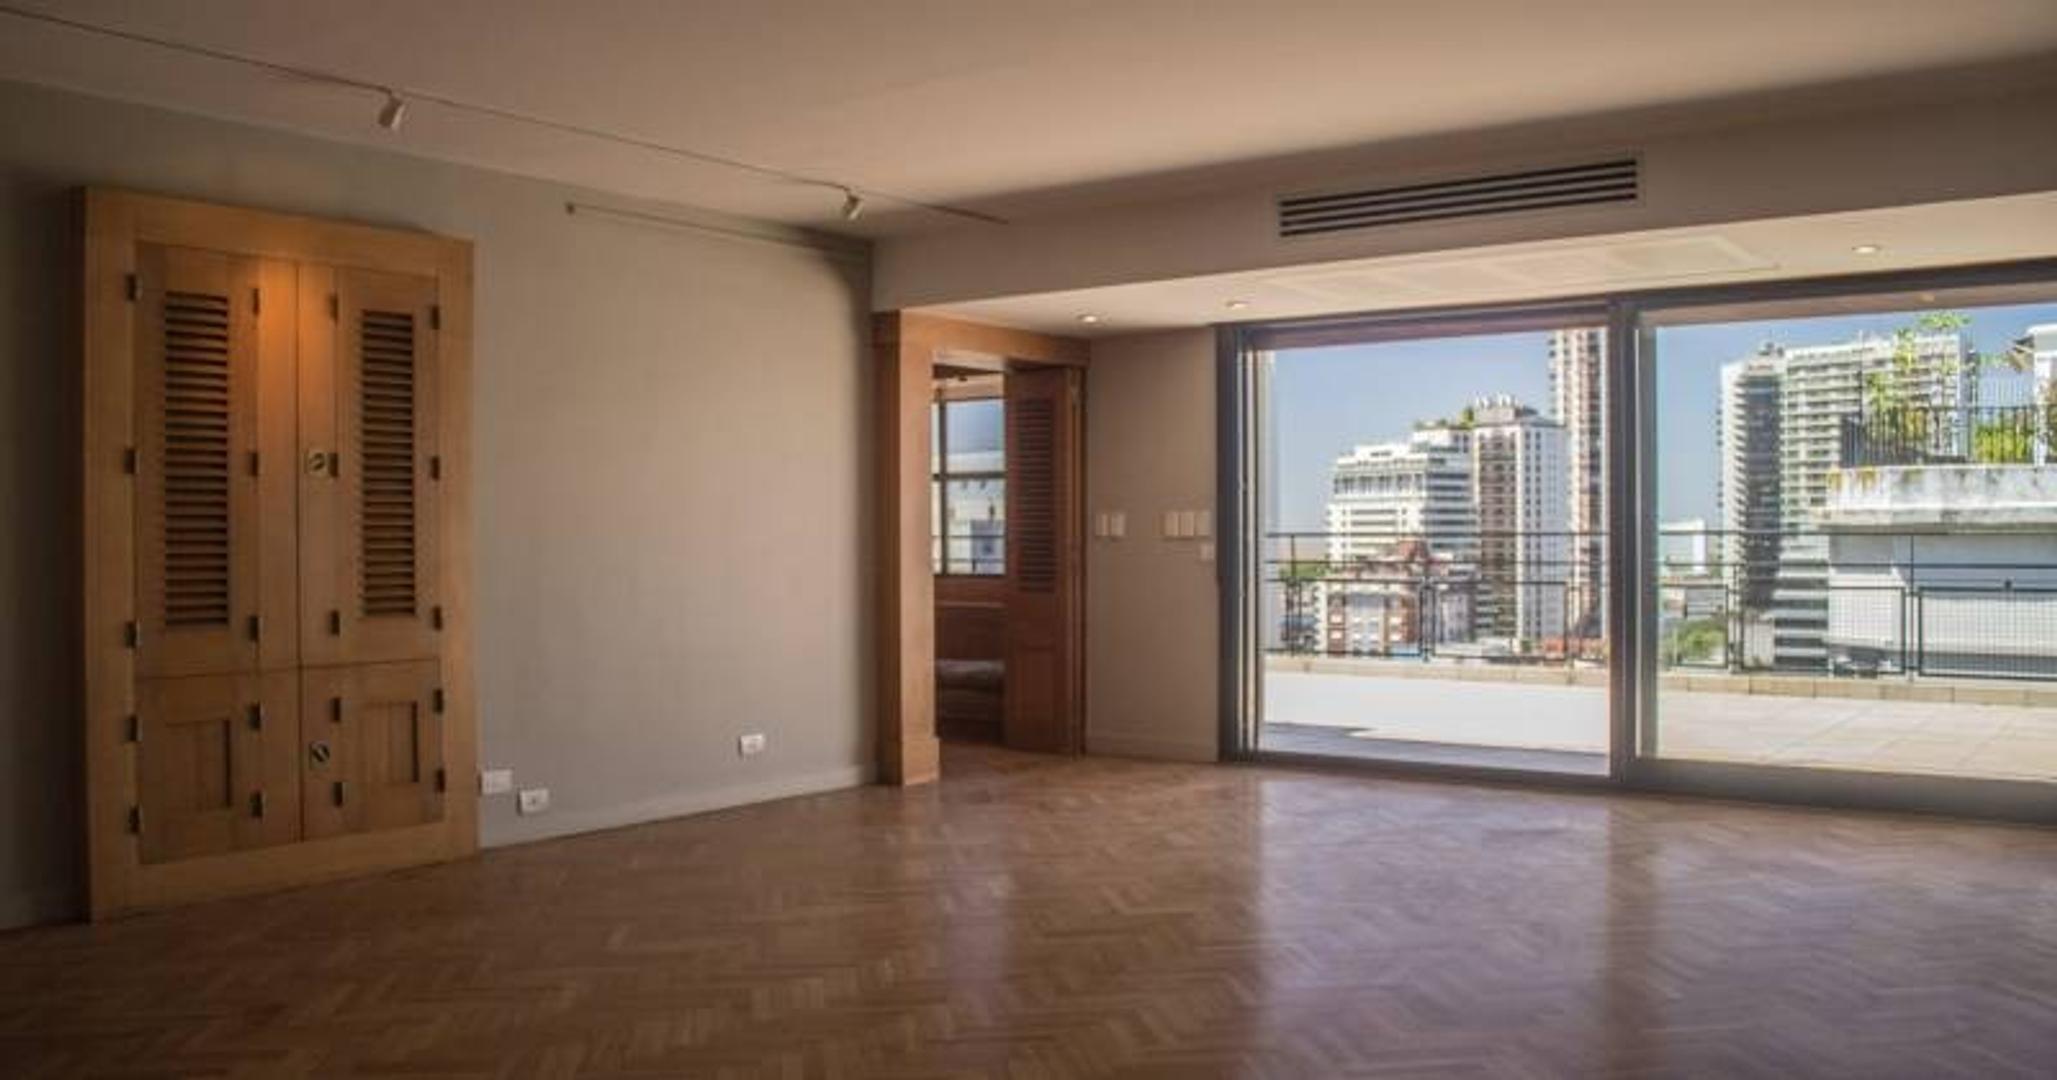 Duplex en Plaza Carlos Pellegrini, Recoleta. Categoría. Vista Panorámica.